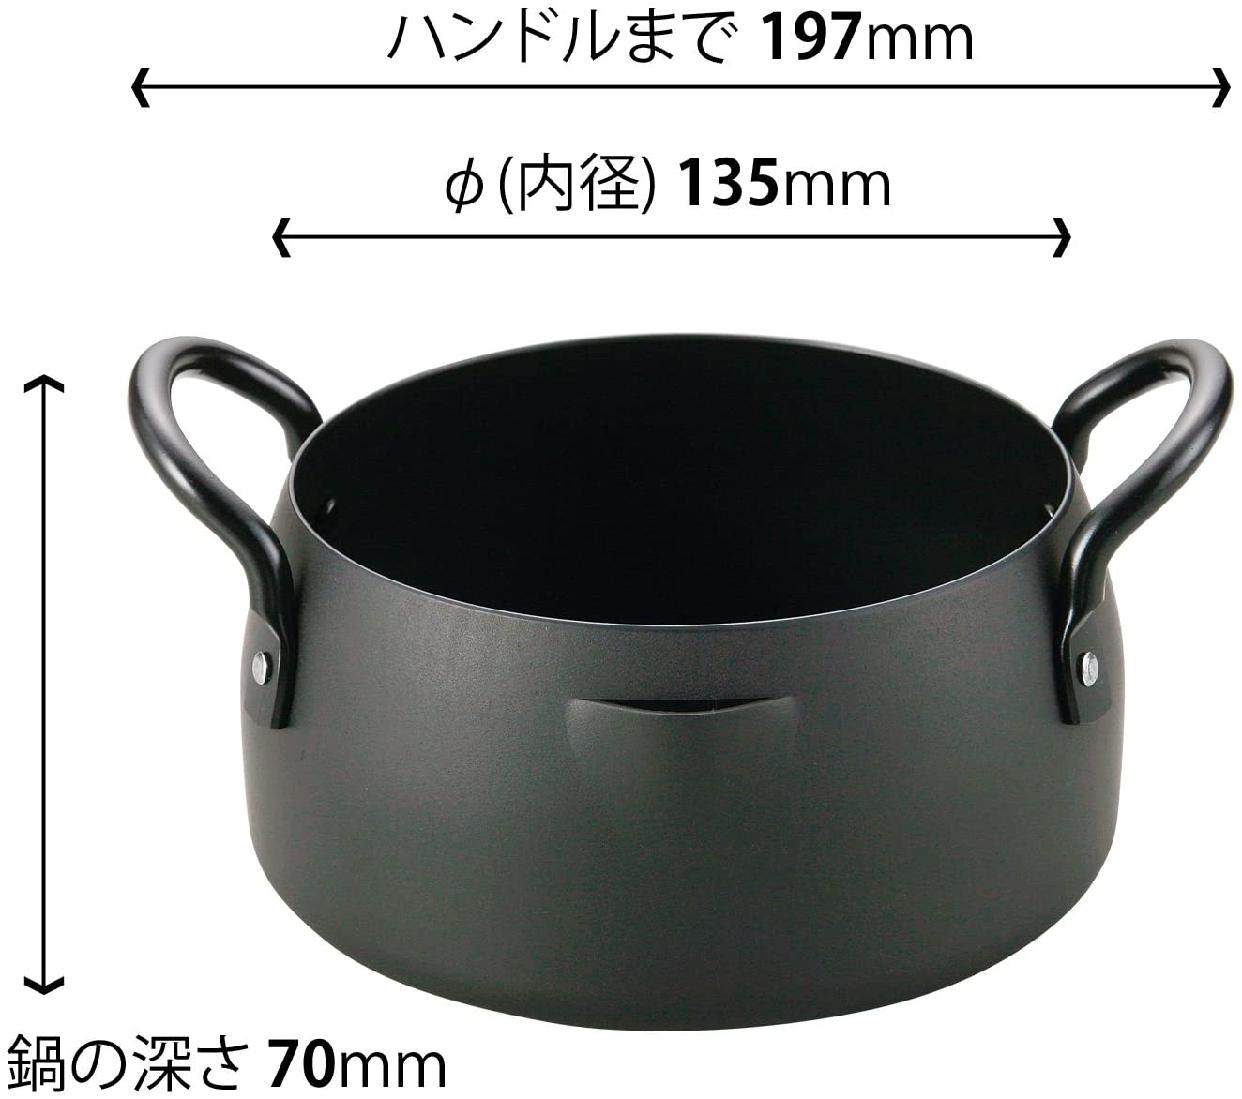 和平フレイズ(ワヘイフレイズ)鉄共柄天ぷら鍋16cm ブラック EM-8286の商品画像3